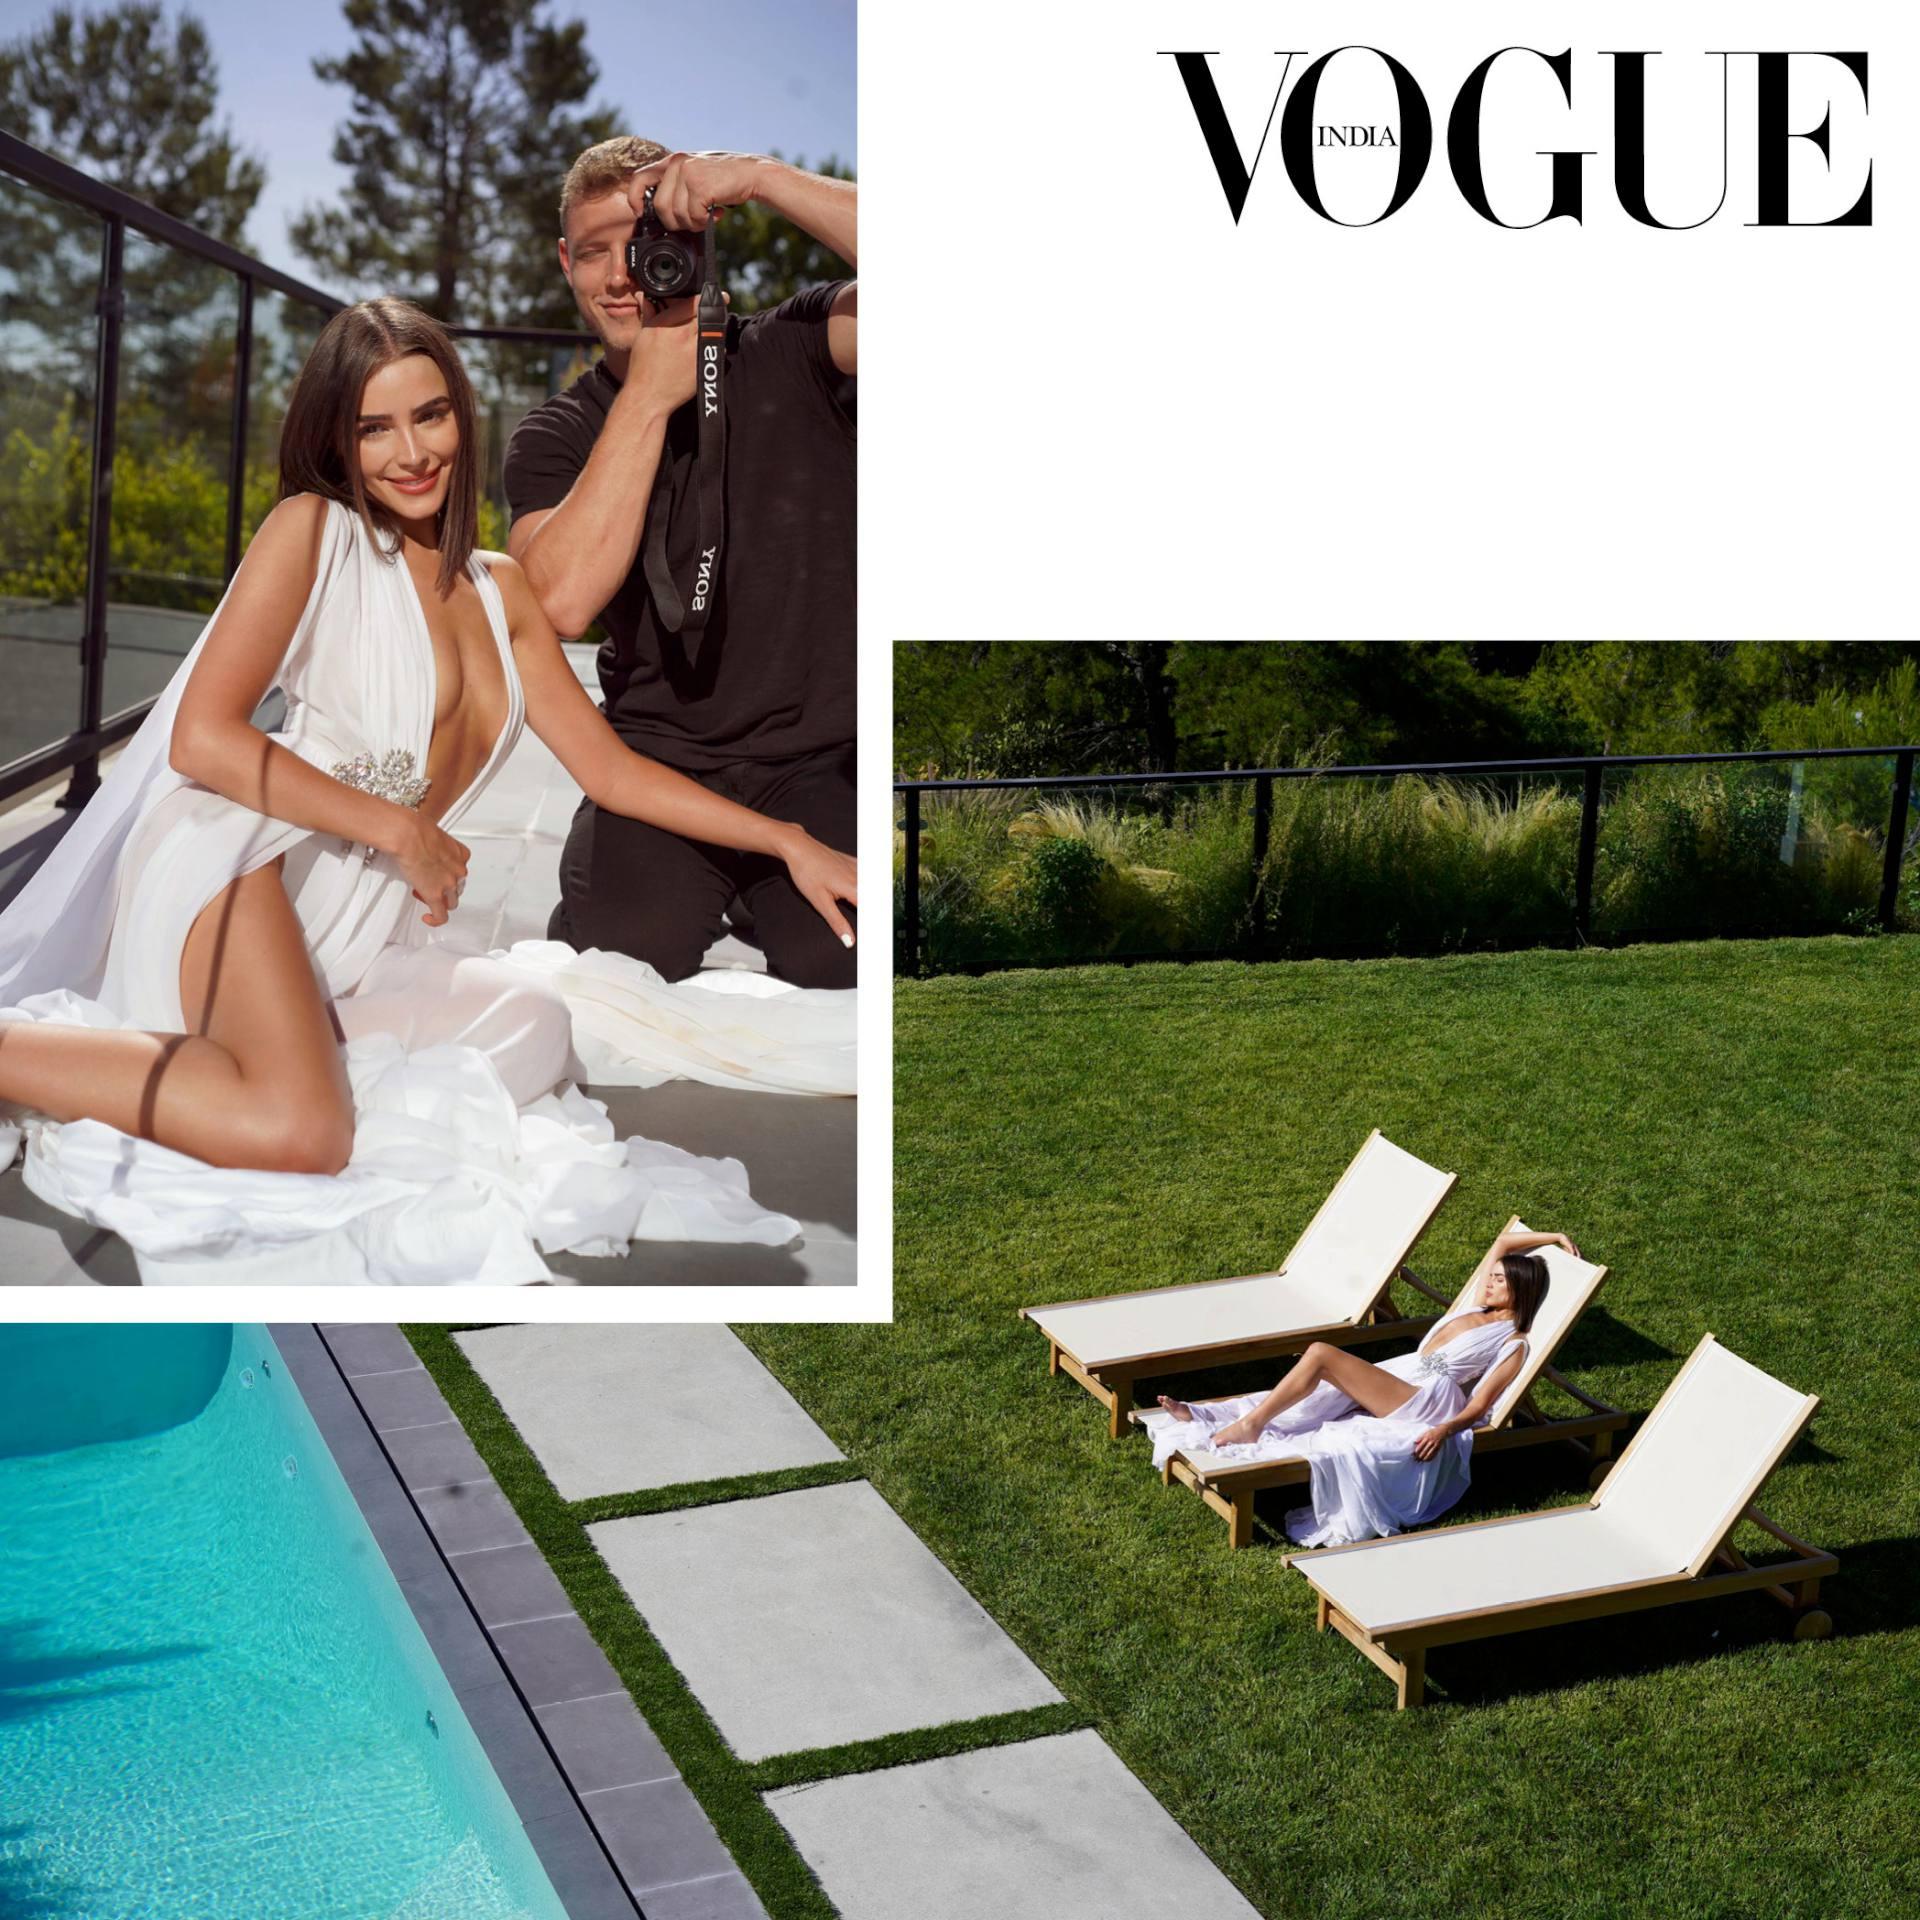 Oliva Culpo Beautiful Vogue Pics